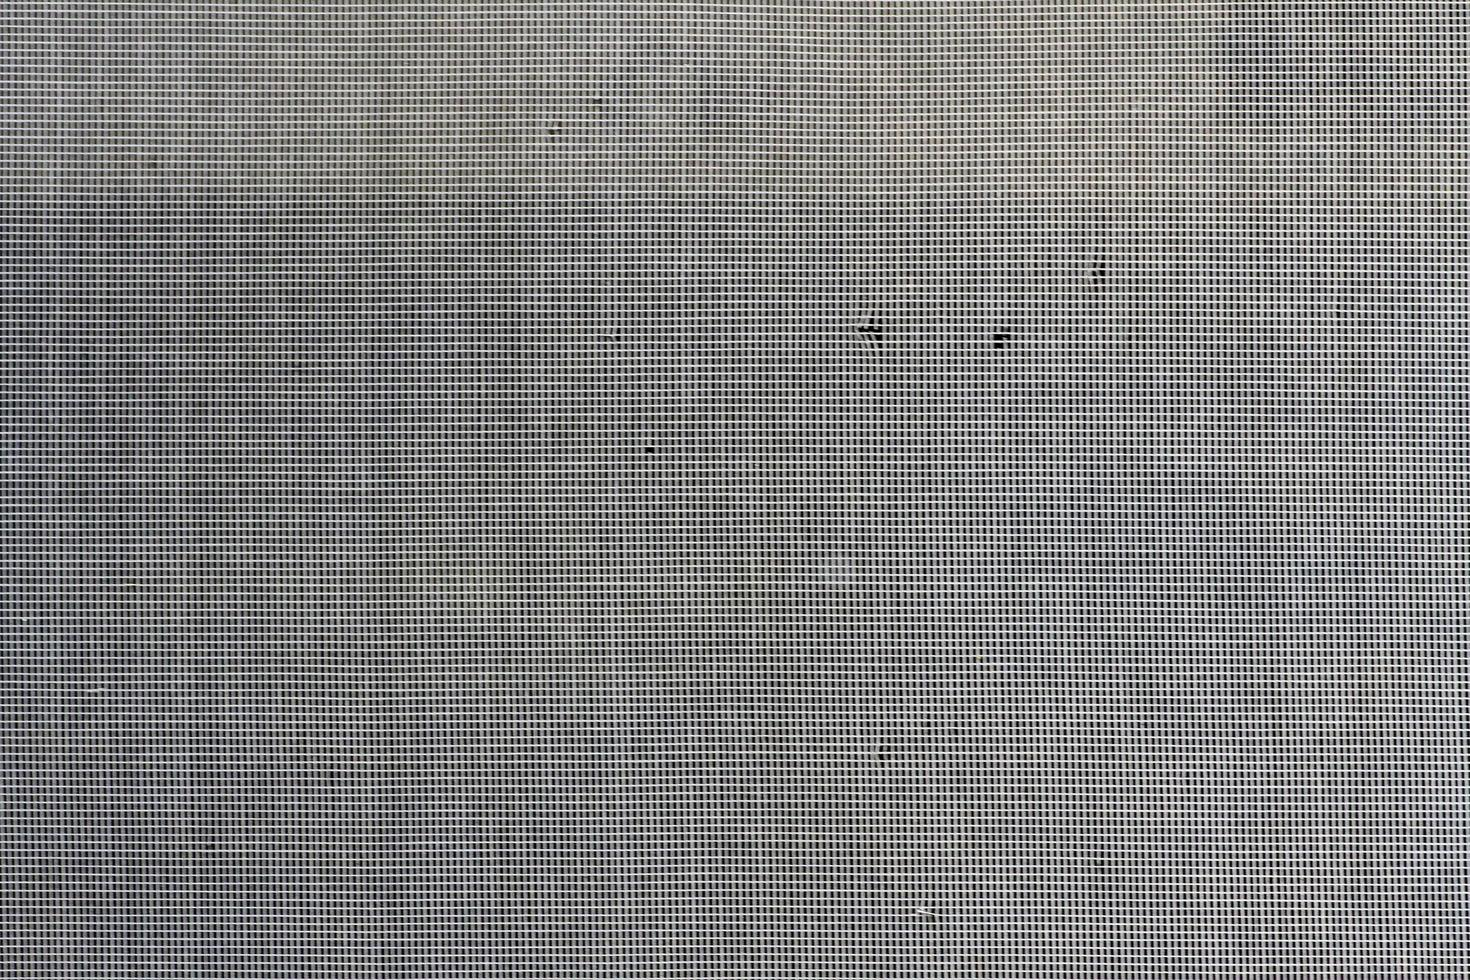 sömlösa myggnät mönster, myggnät foto